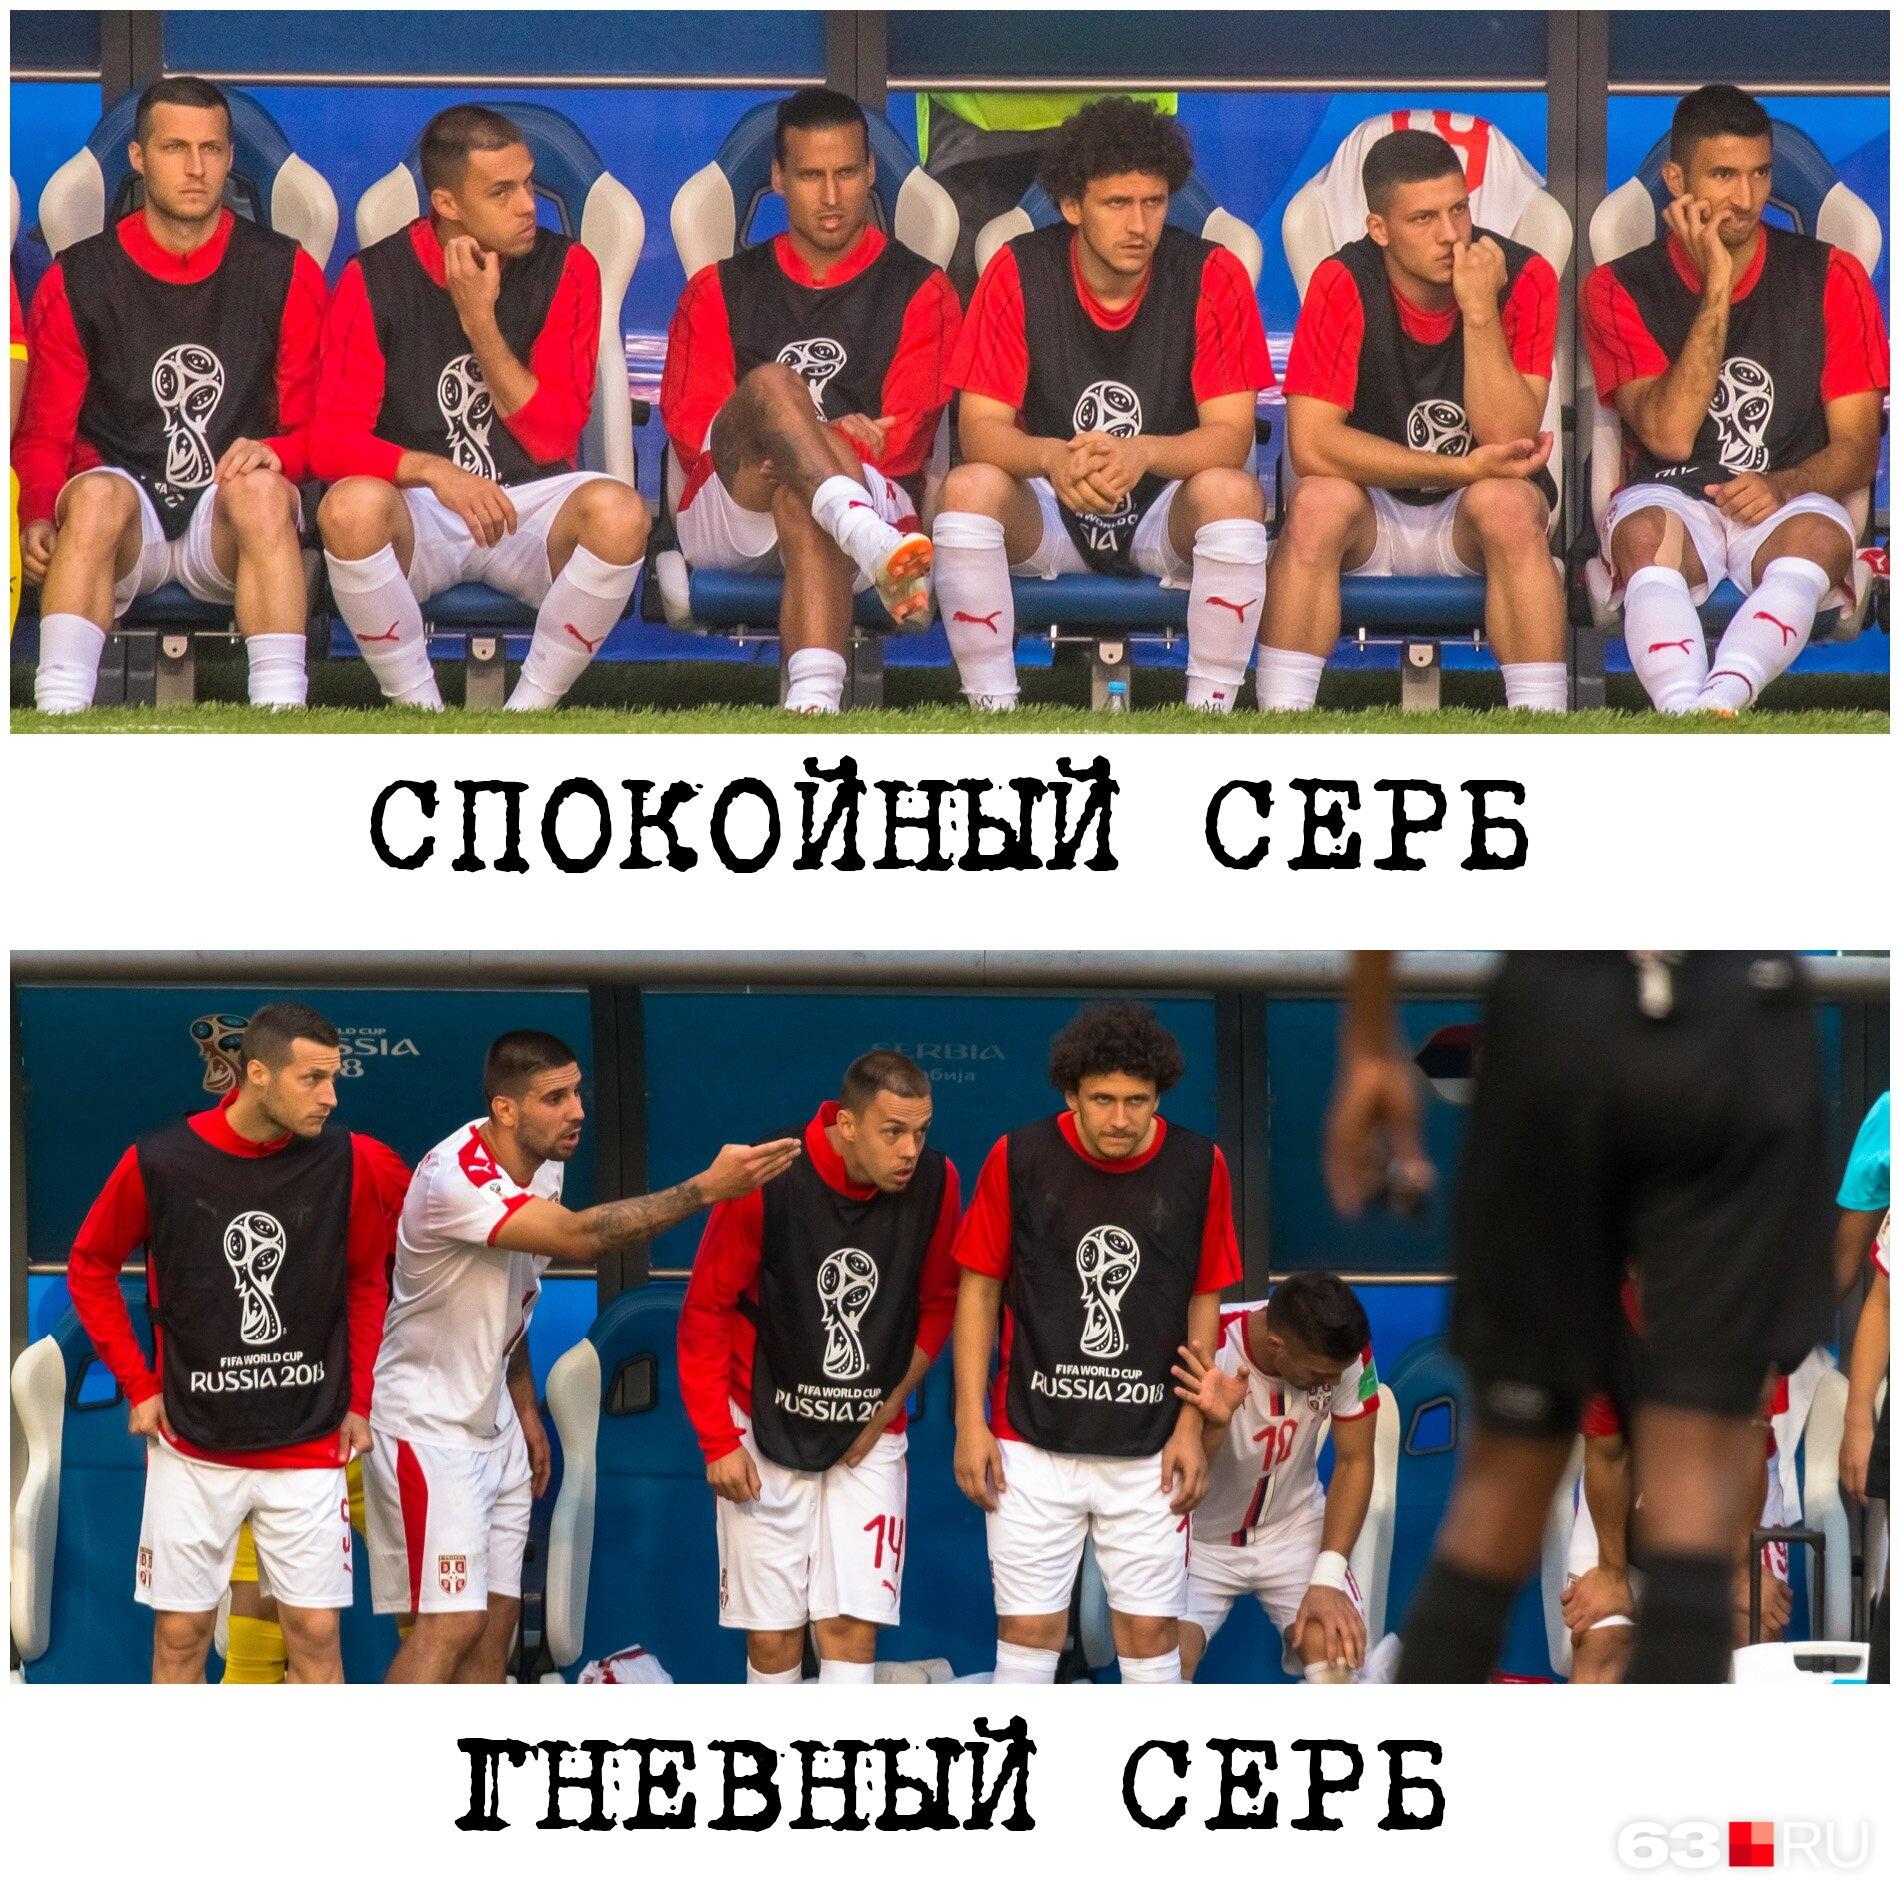 Коллаж «Сербы до нарушения правил на их игроке и сербы после нарушения правил»